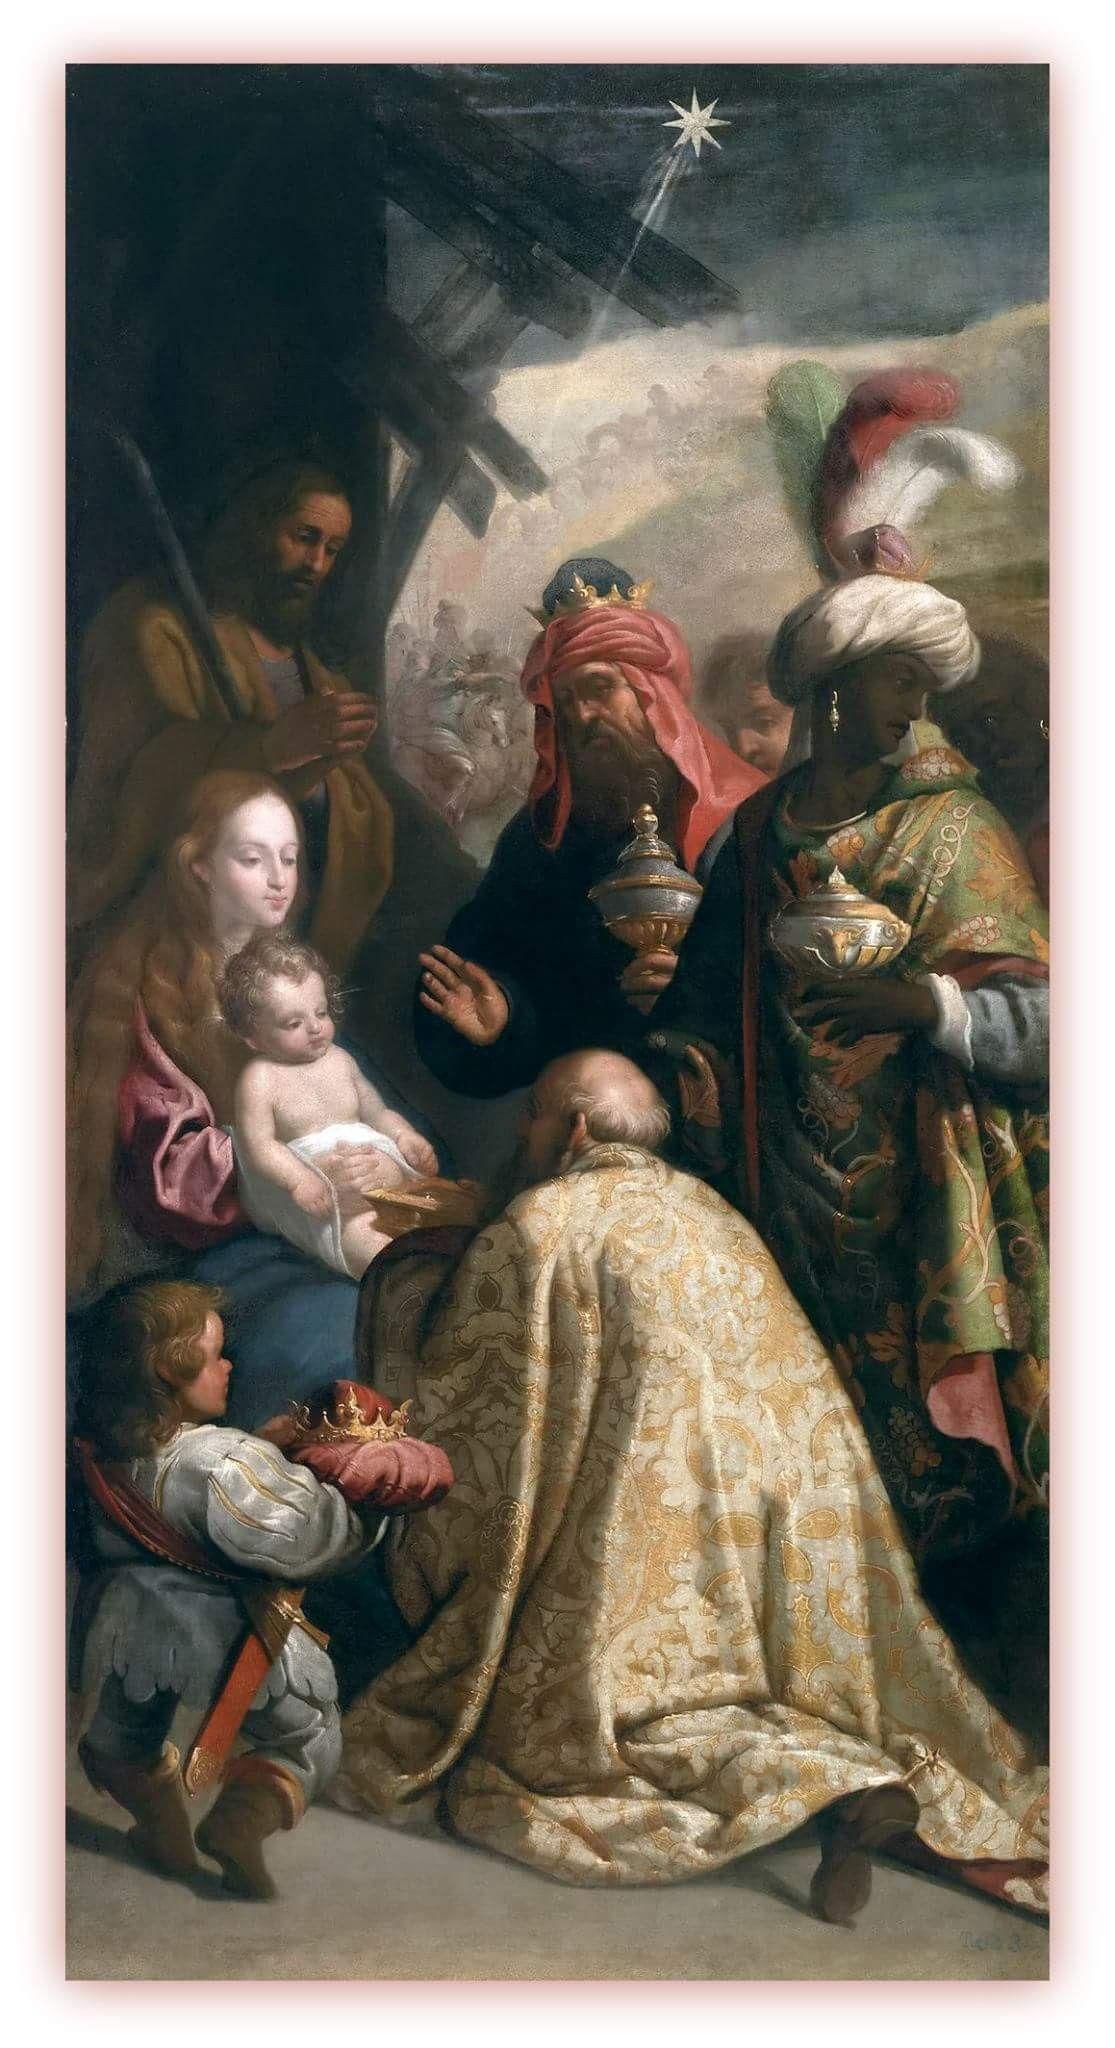 Spanische Weihnachtsbilder.Pin Von Uwe Handrick Auf Geburt Jesus Christus Jesus Christus